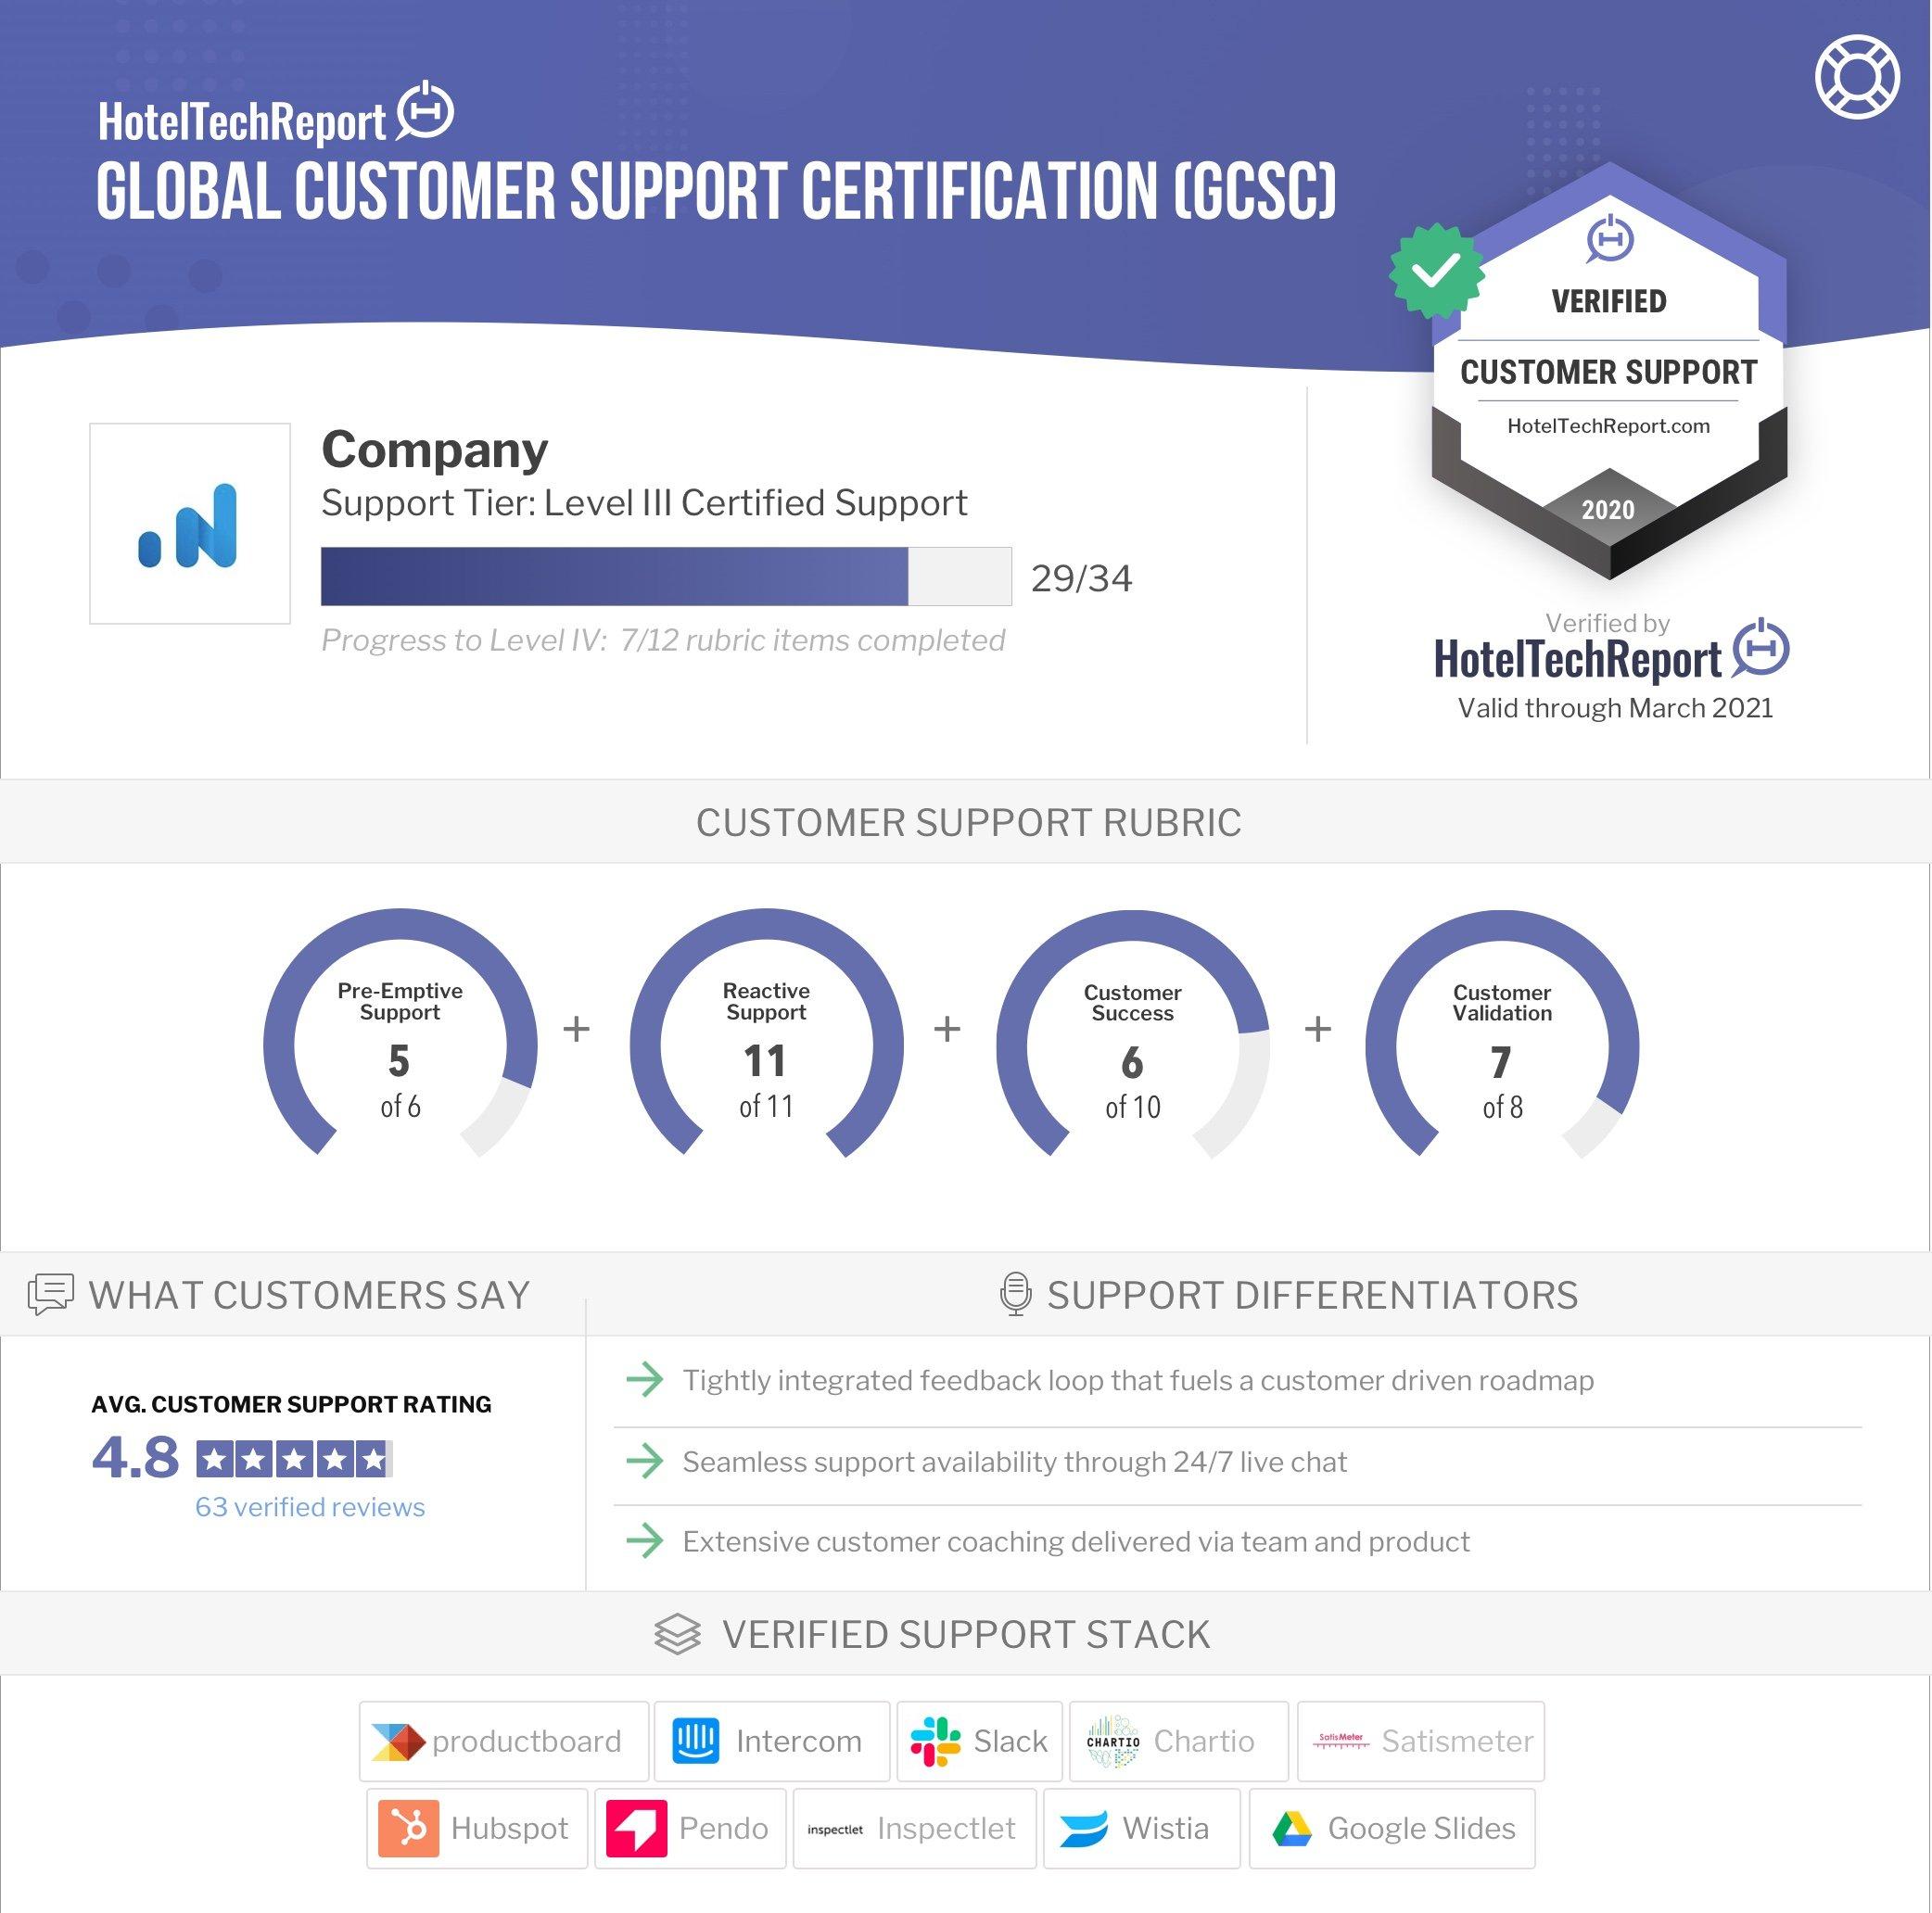 htr-gcsc-certificate